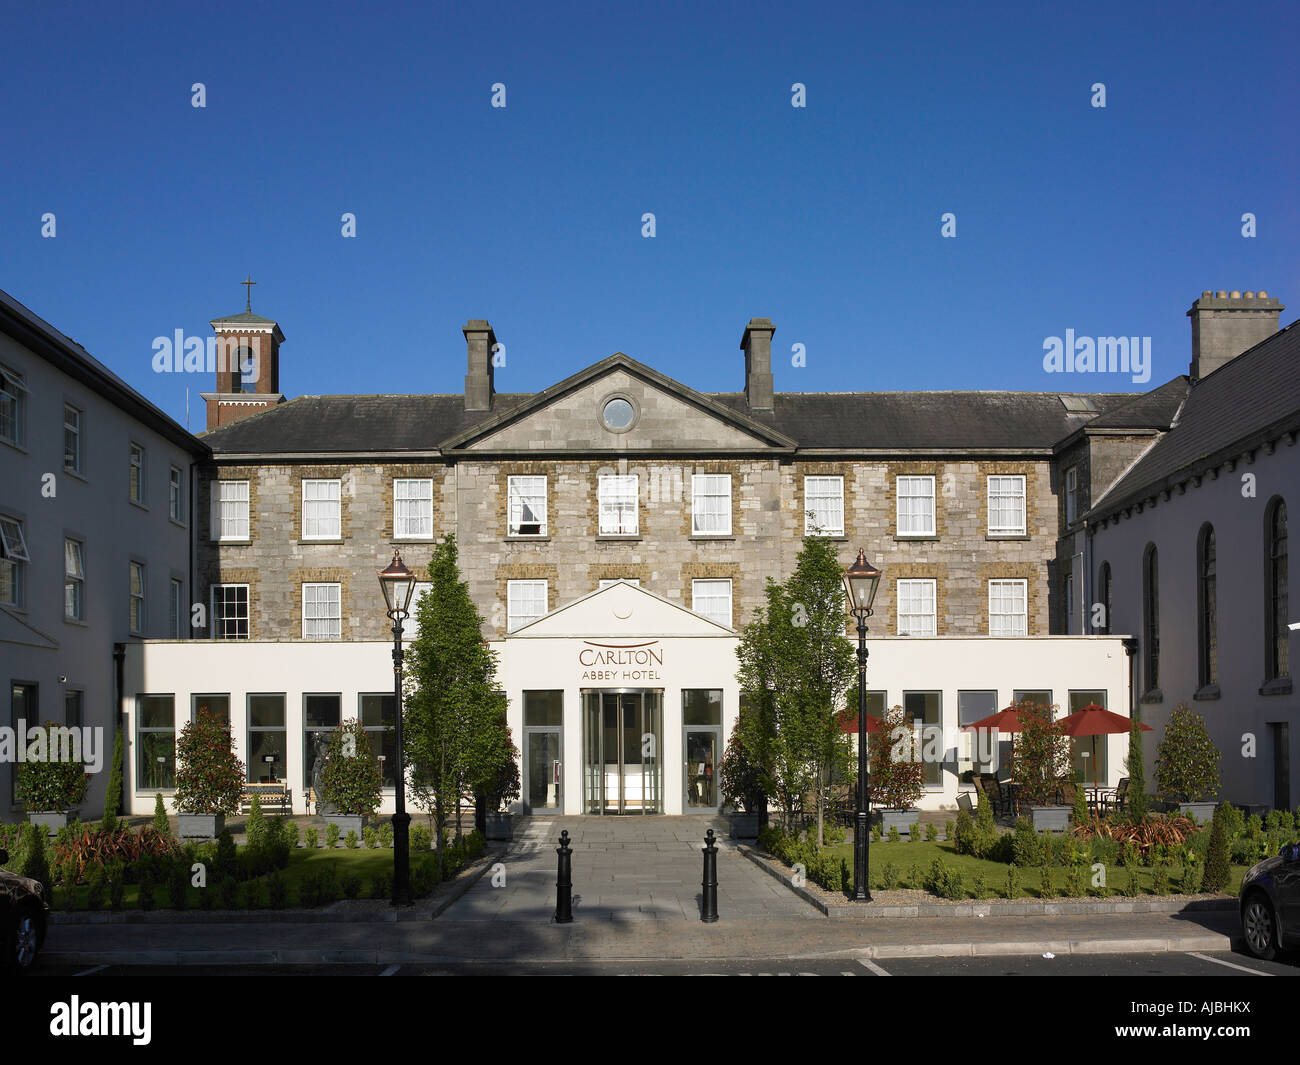 Moate Lodge, Athy, Ireland - tonyshirley.co.uk